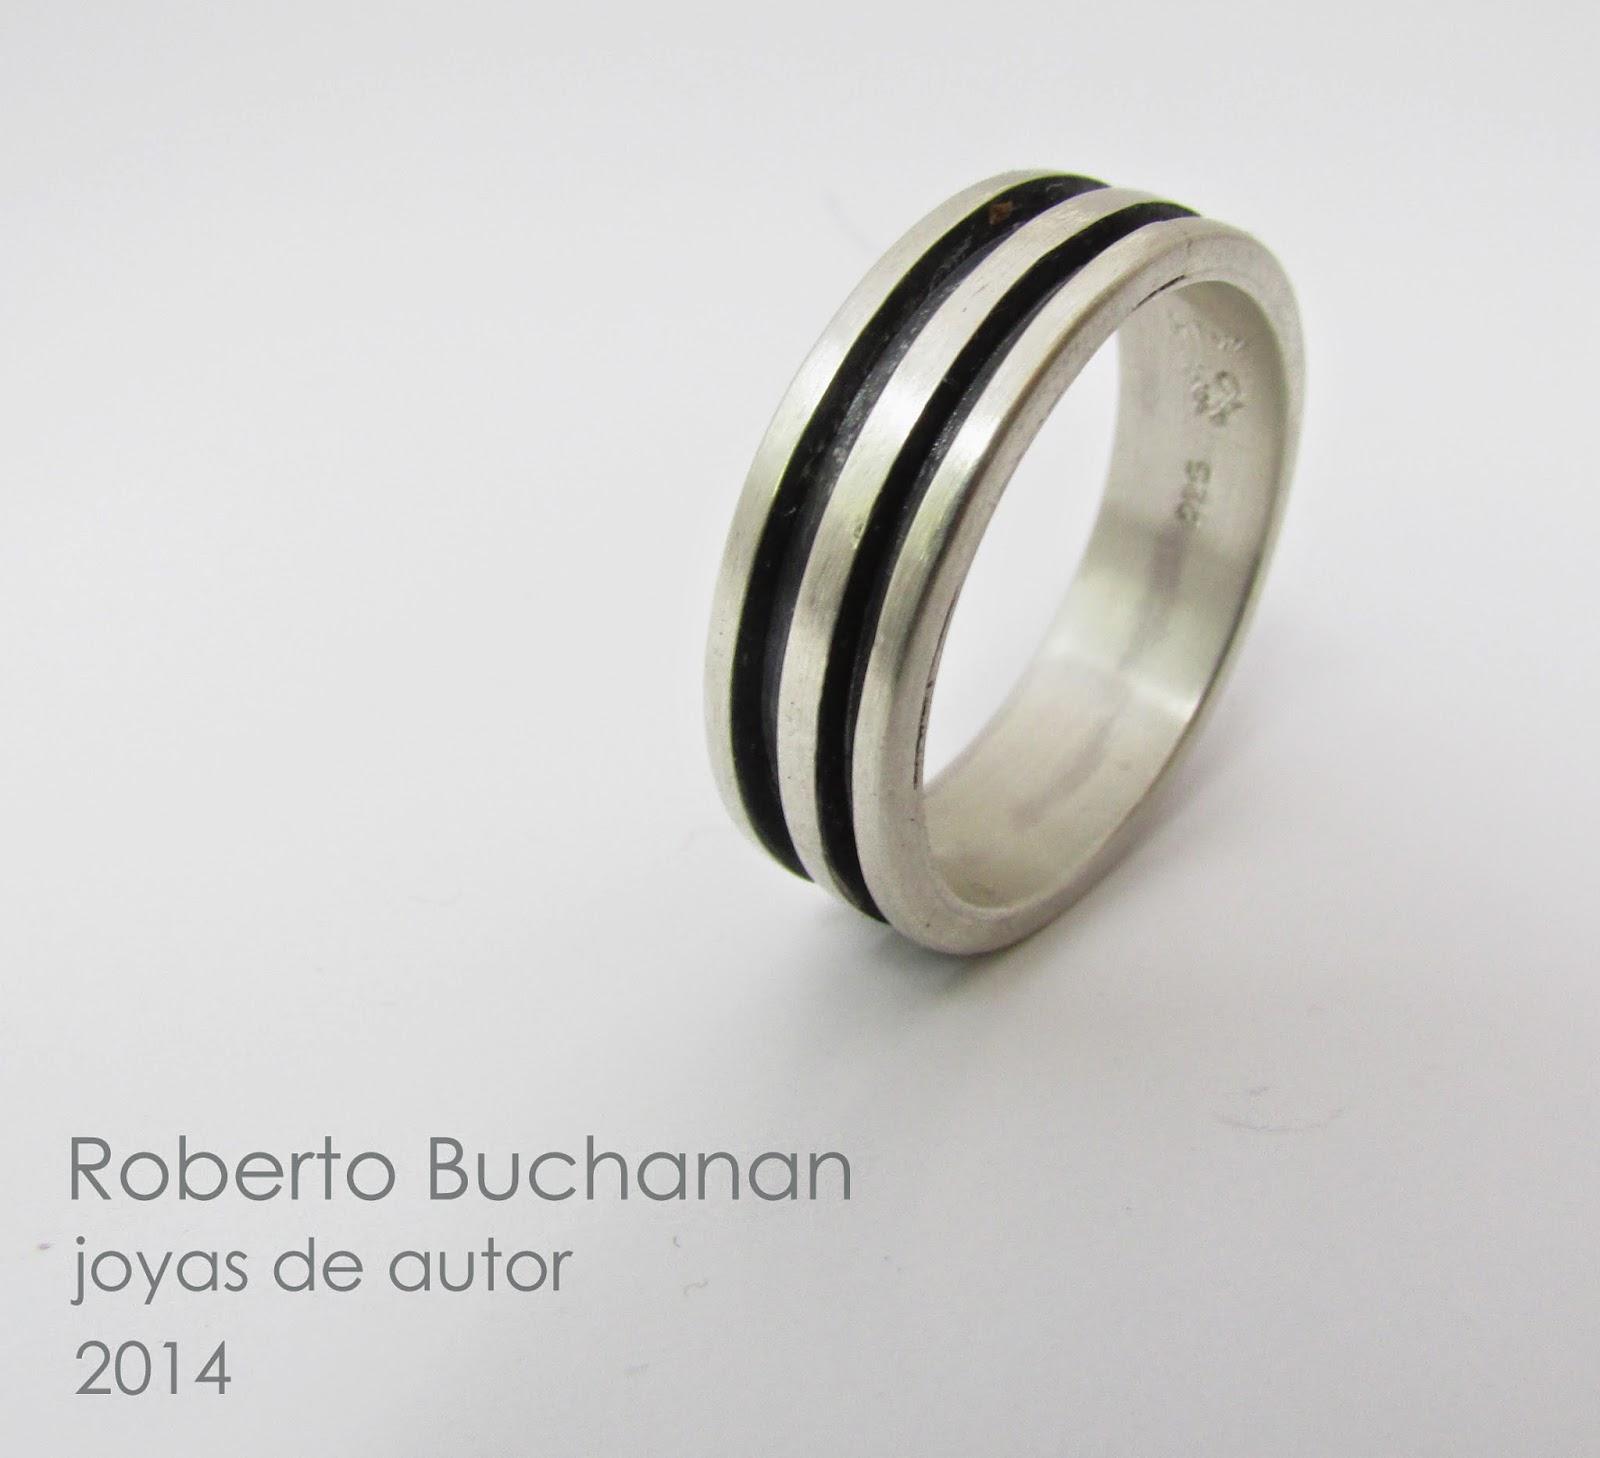 Venta de Anillos para Hombre Argentina Zoara - imagenes de anillos de hombre